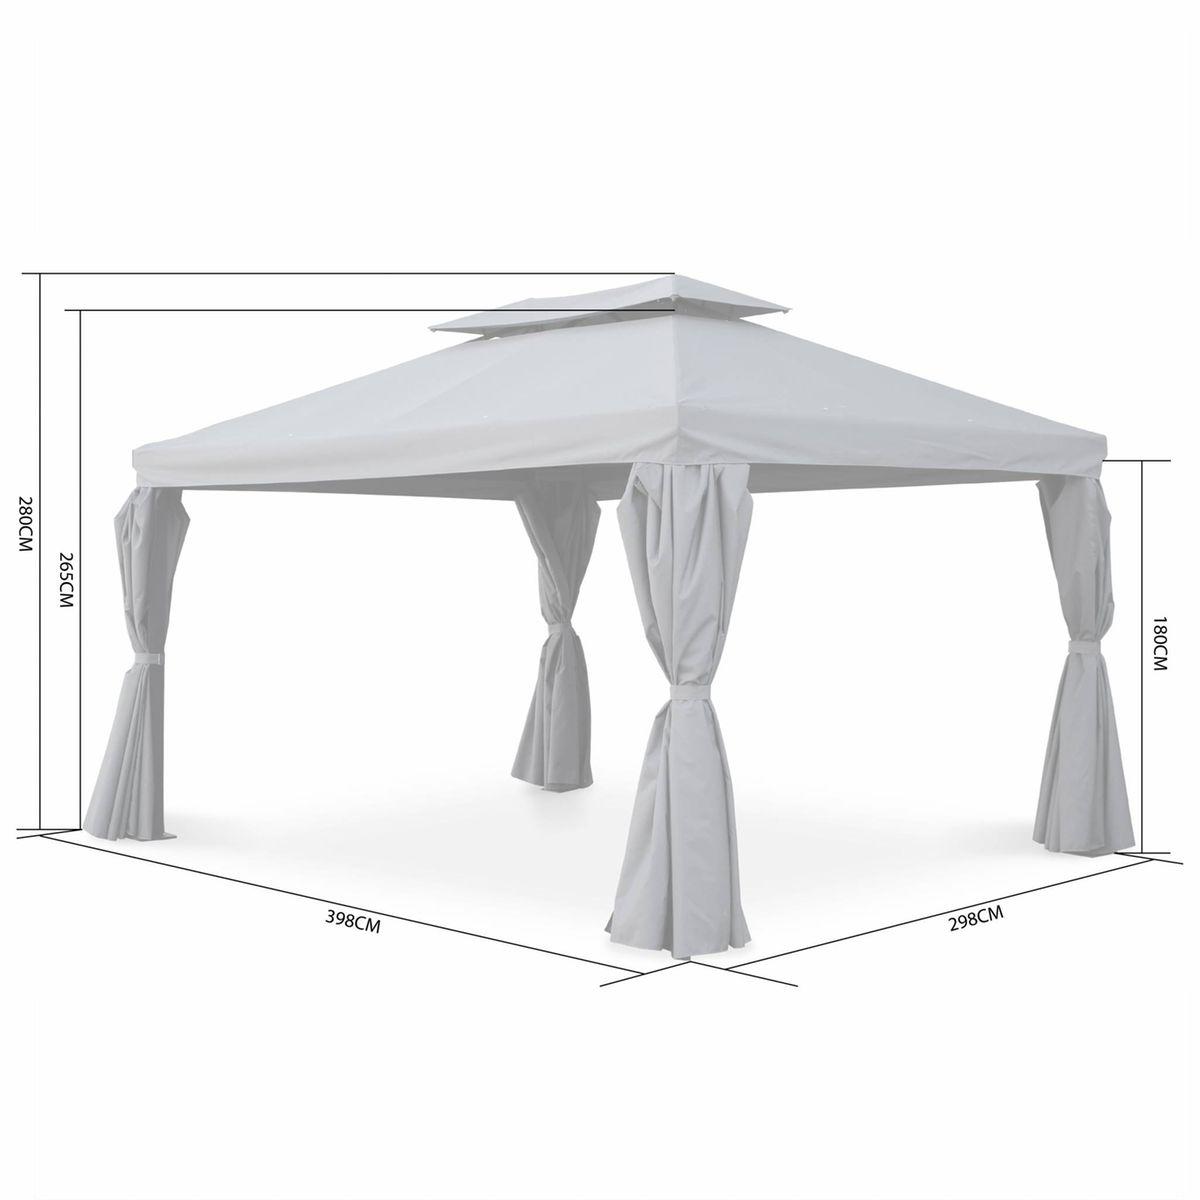 Tente De Jardin, Pergola Aluminium 3x4m Divodorum , Avec ...